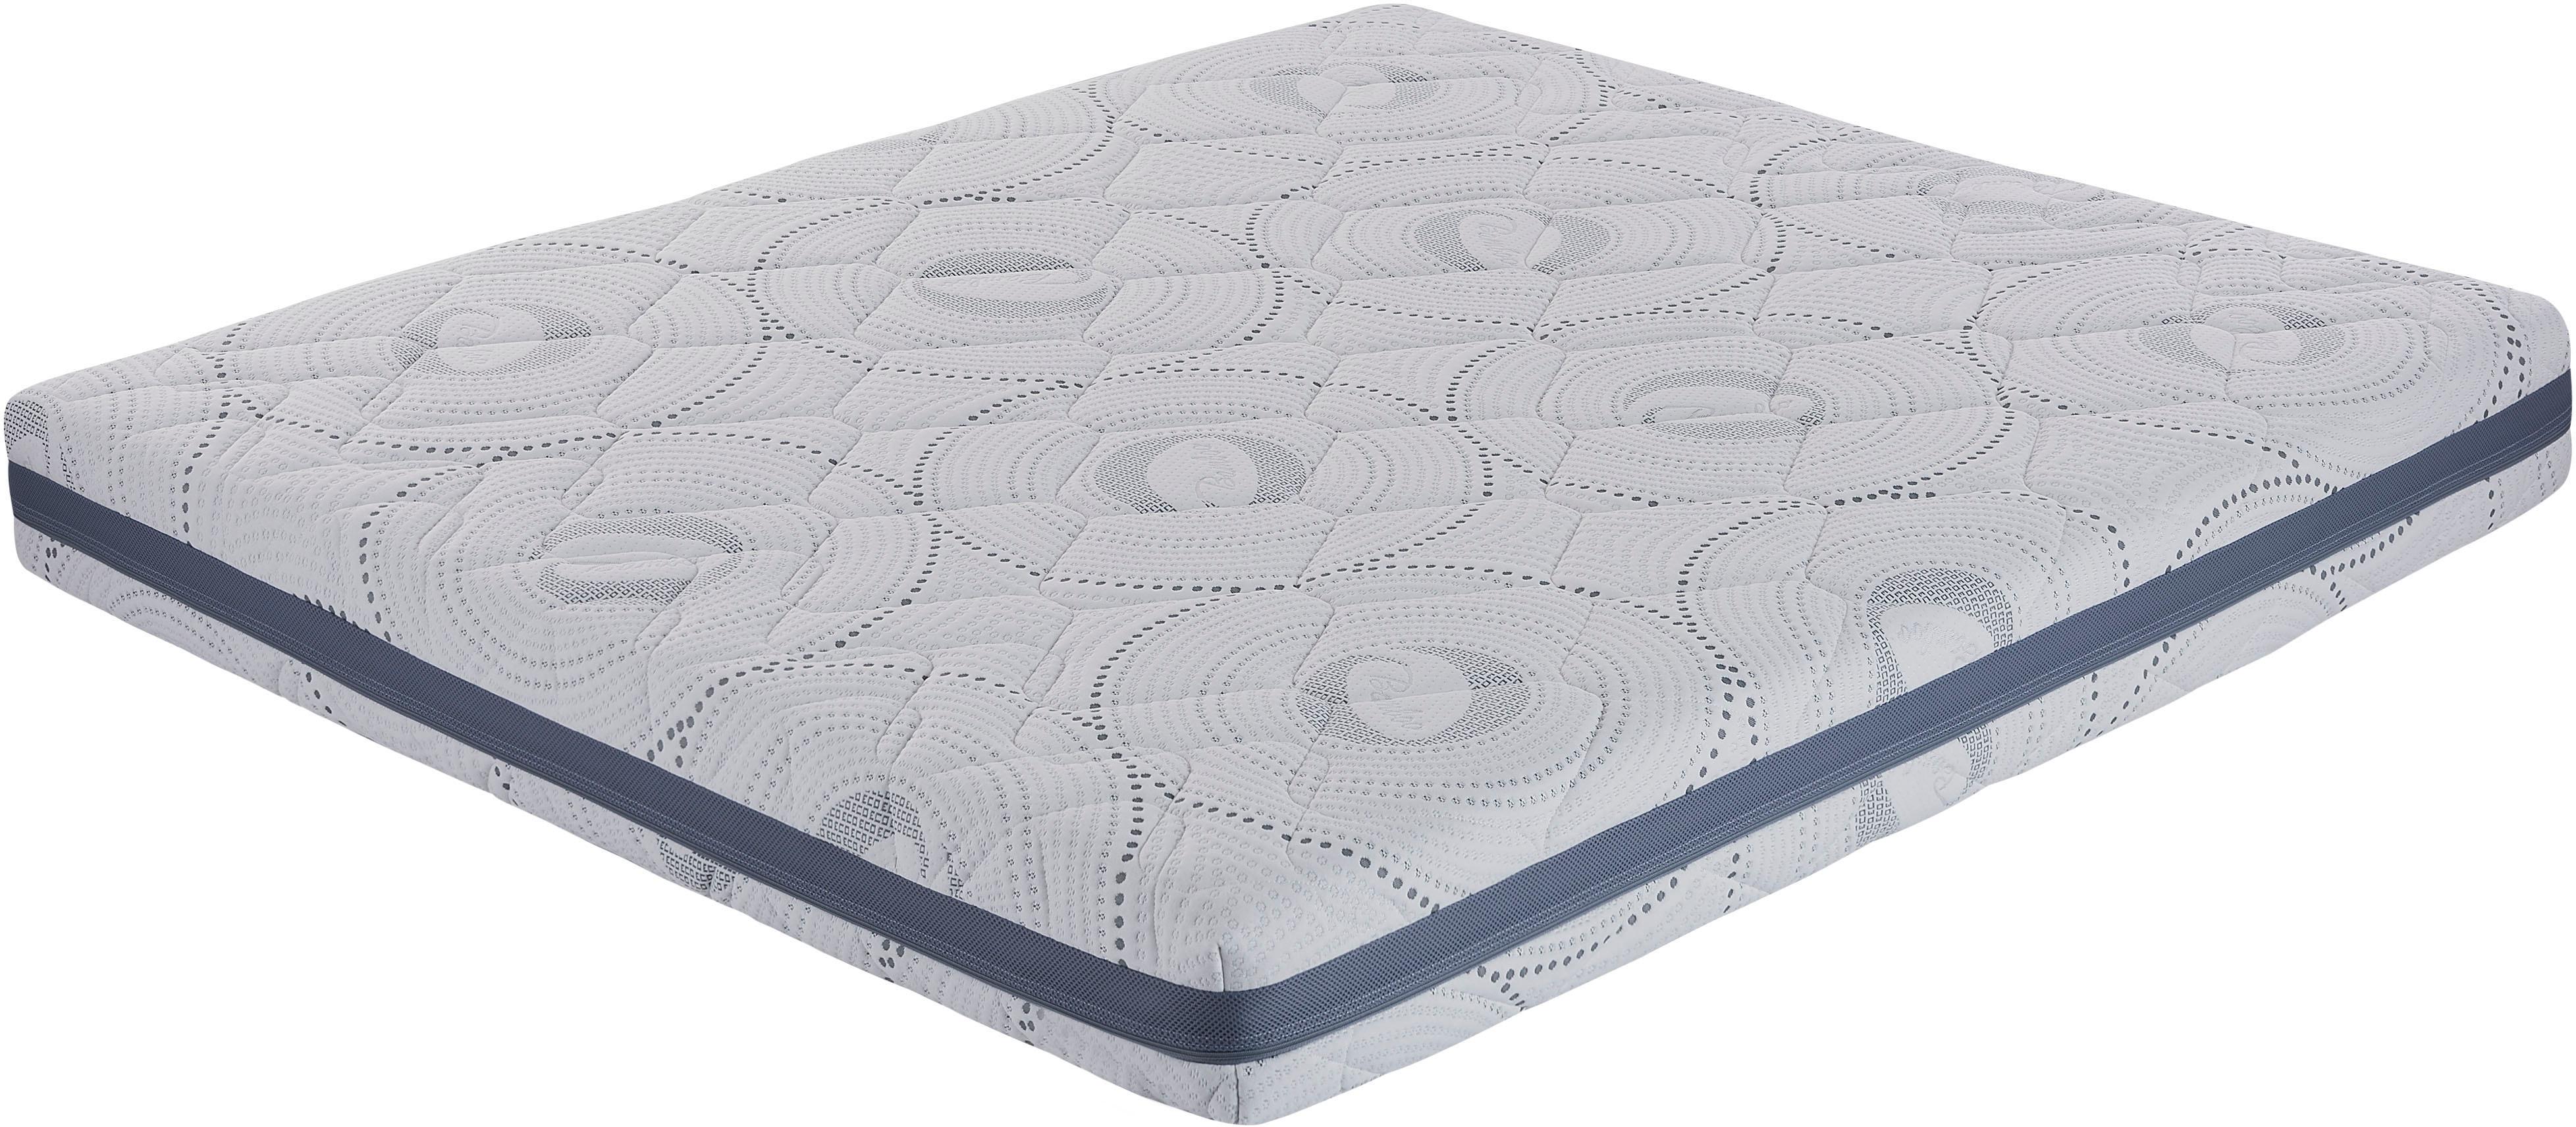 Komfortschaummatratze Comfort Memory Deluxe Magniflex 22 cm hoch